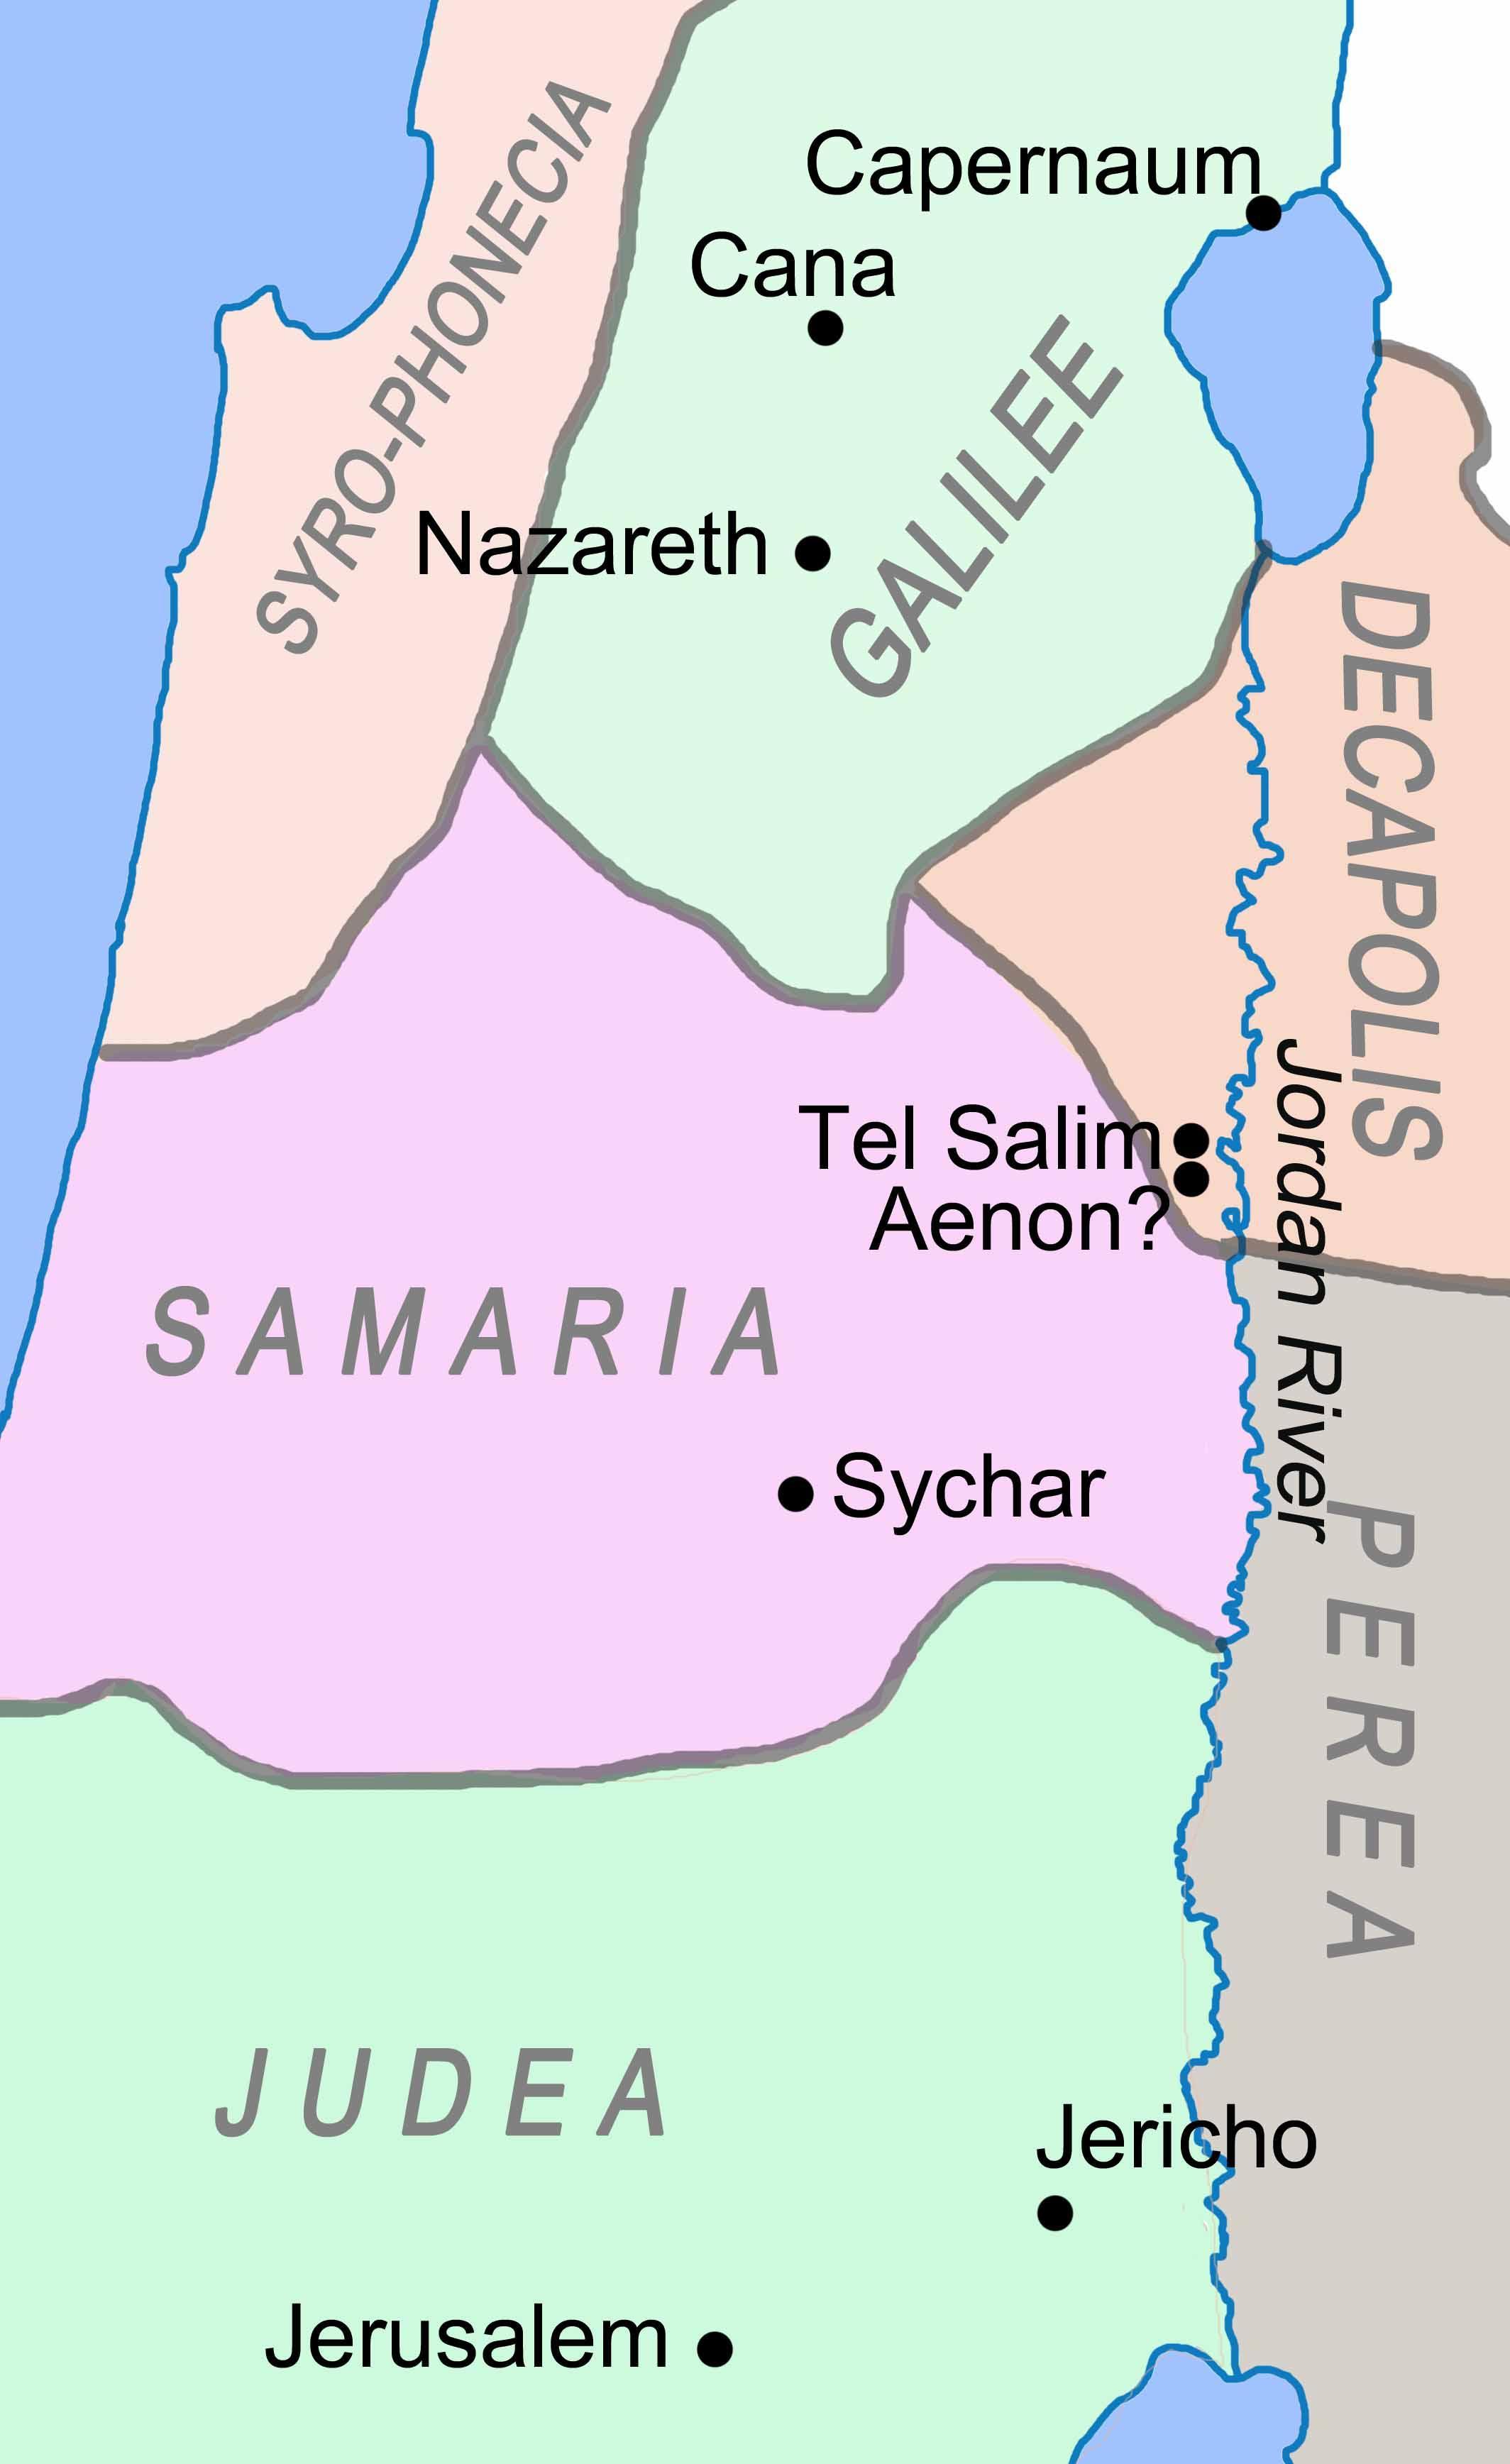 júdea térkép Térkép Jeruzsálem júdea samaria   Térkép Jeruzsálem júdea pedig